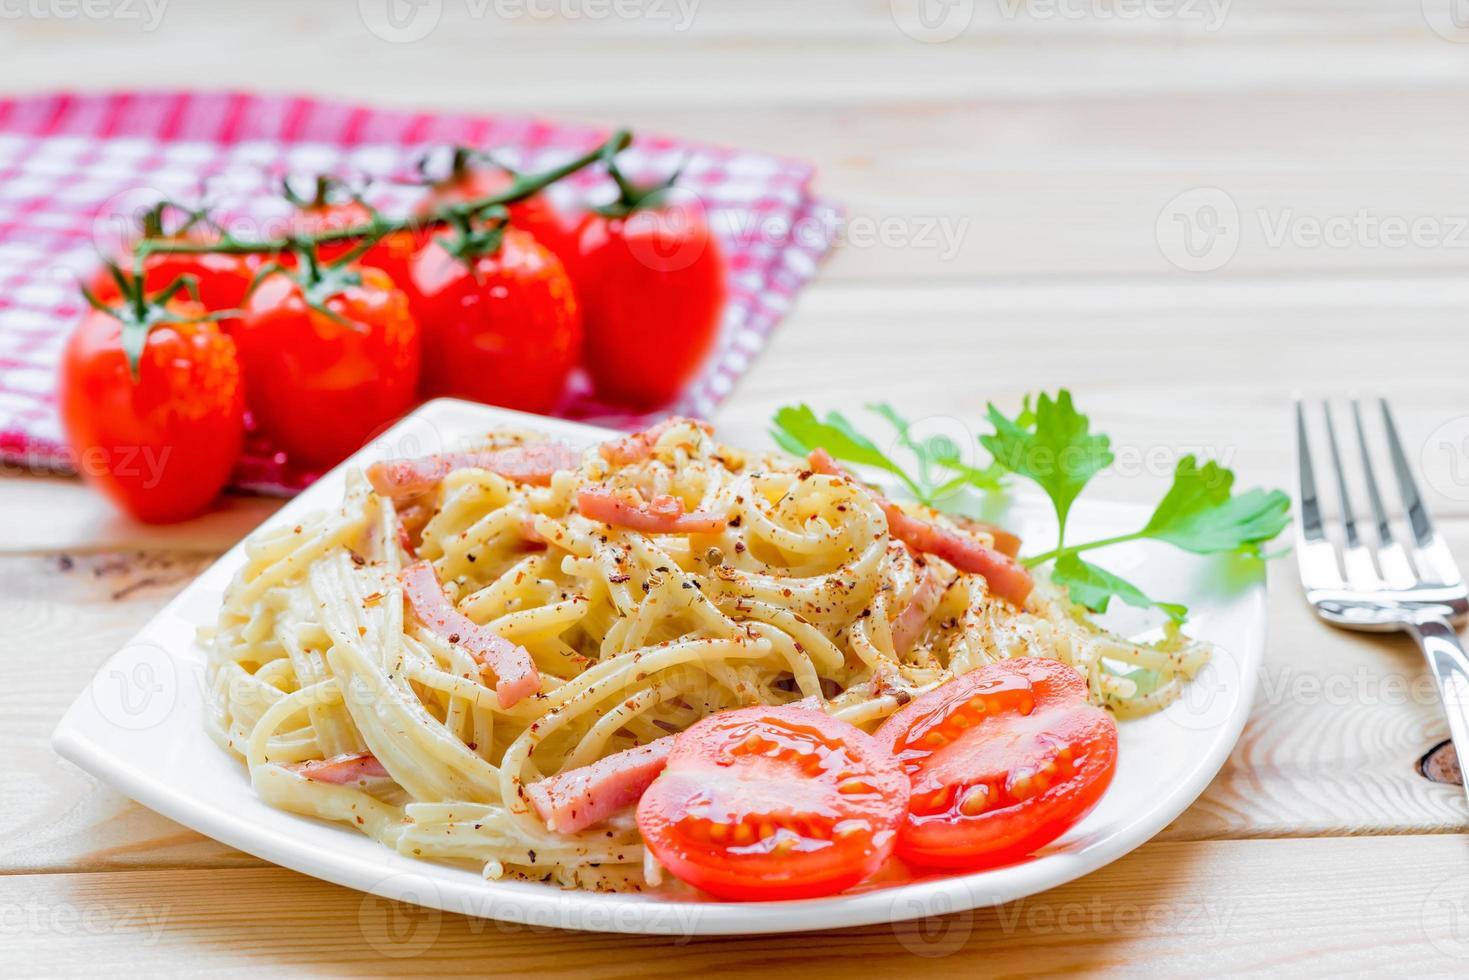 plat de pâtes carbonara italien joliment servi photo